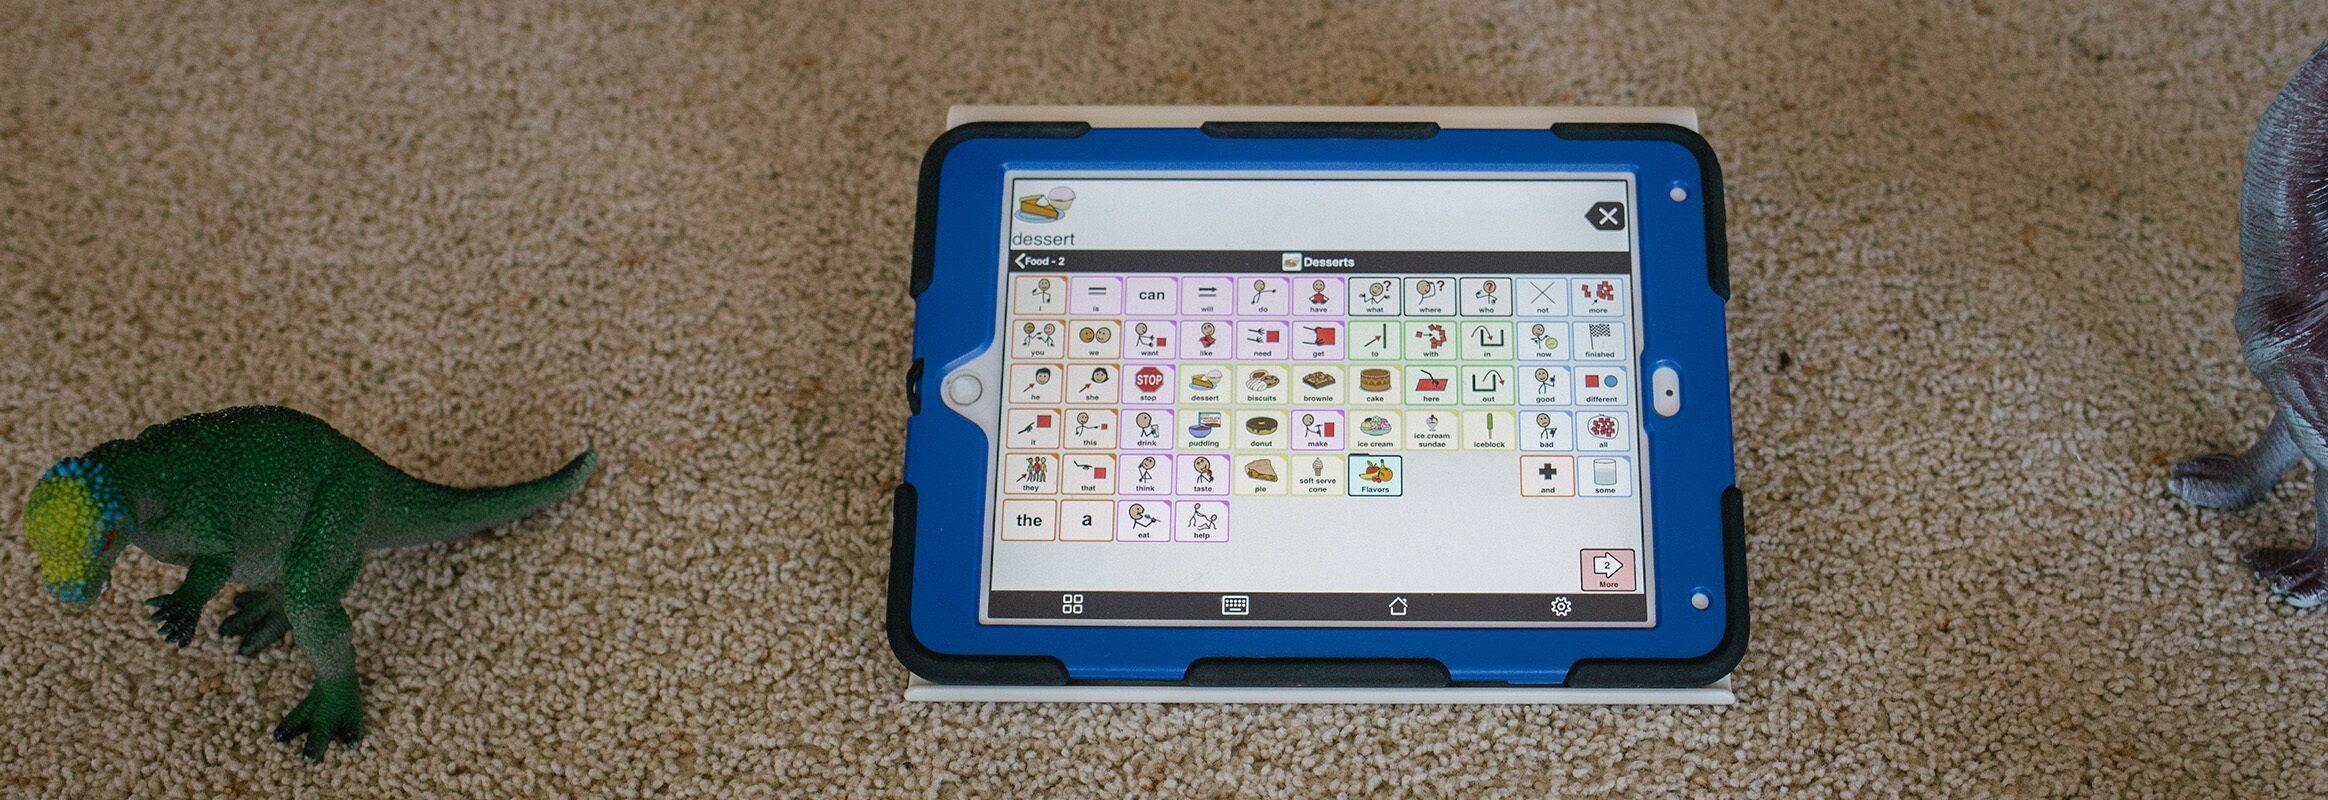 iPad met Proloquo2Go 11x7 rooster op tapijt met speeltjes ernaast.